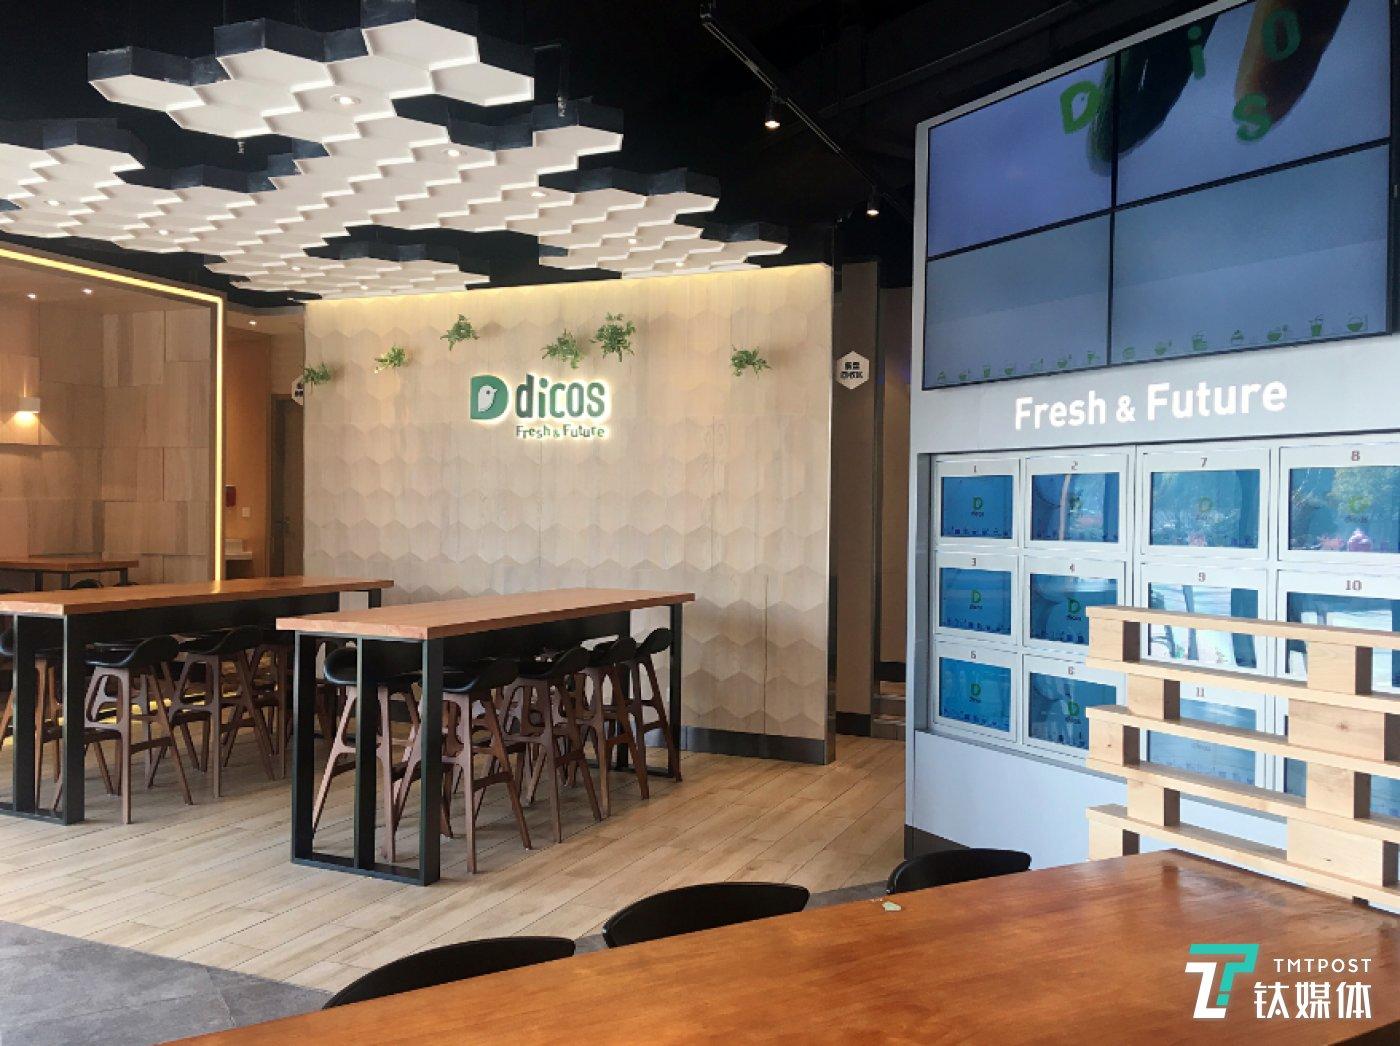 德克士未来餐厅